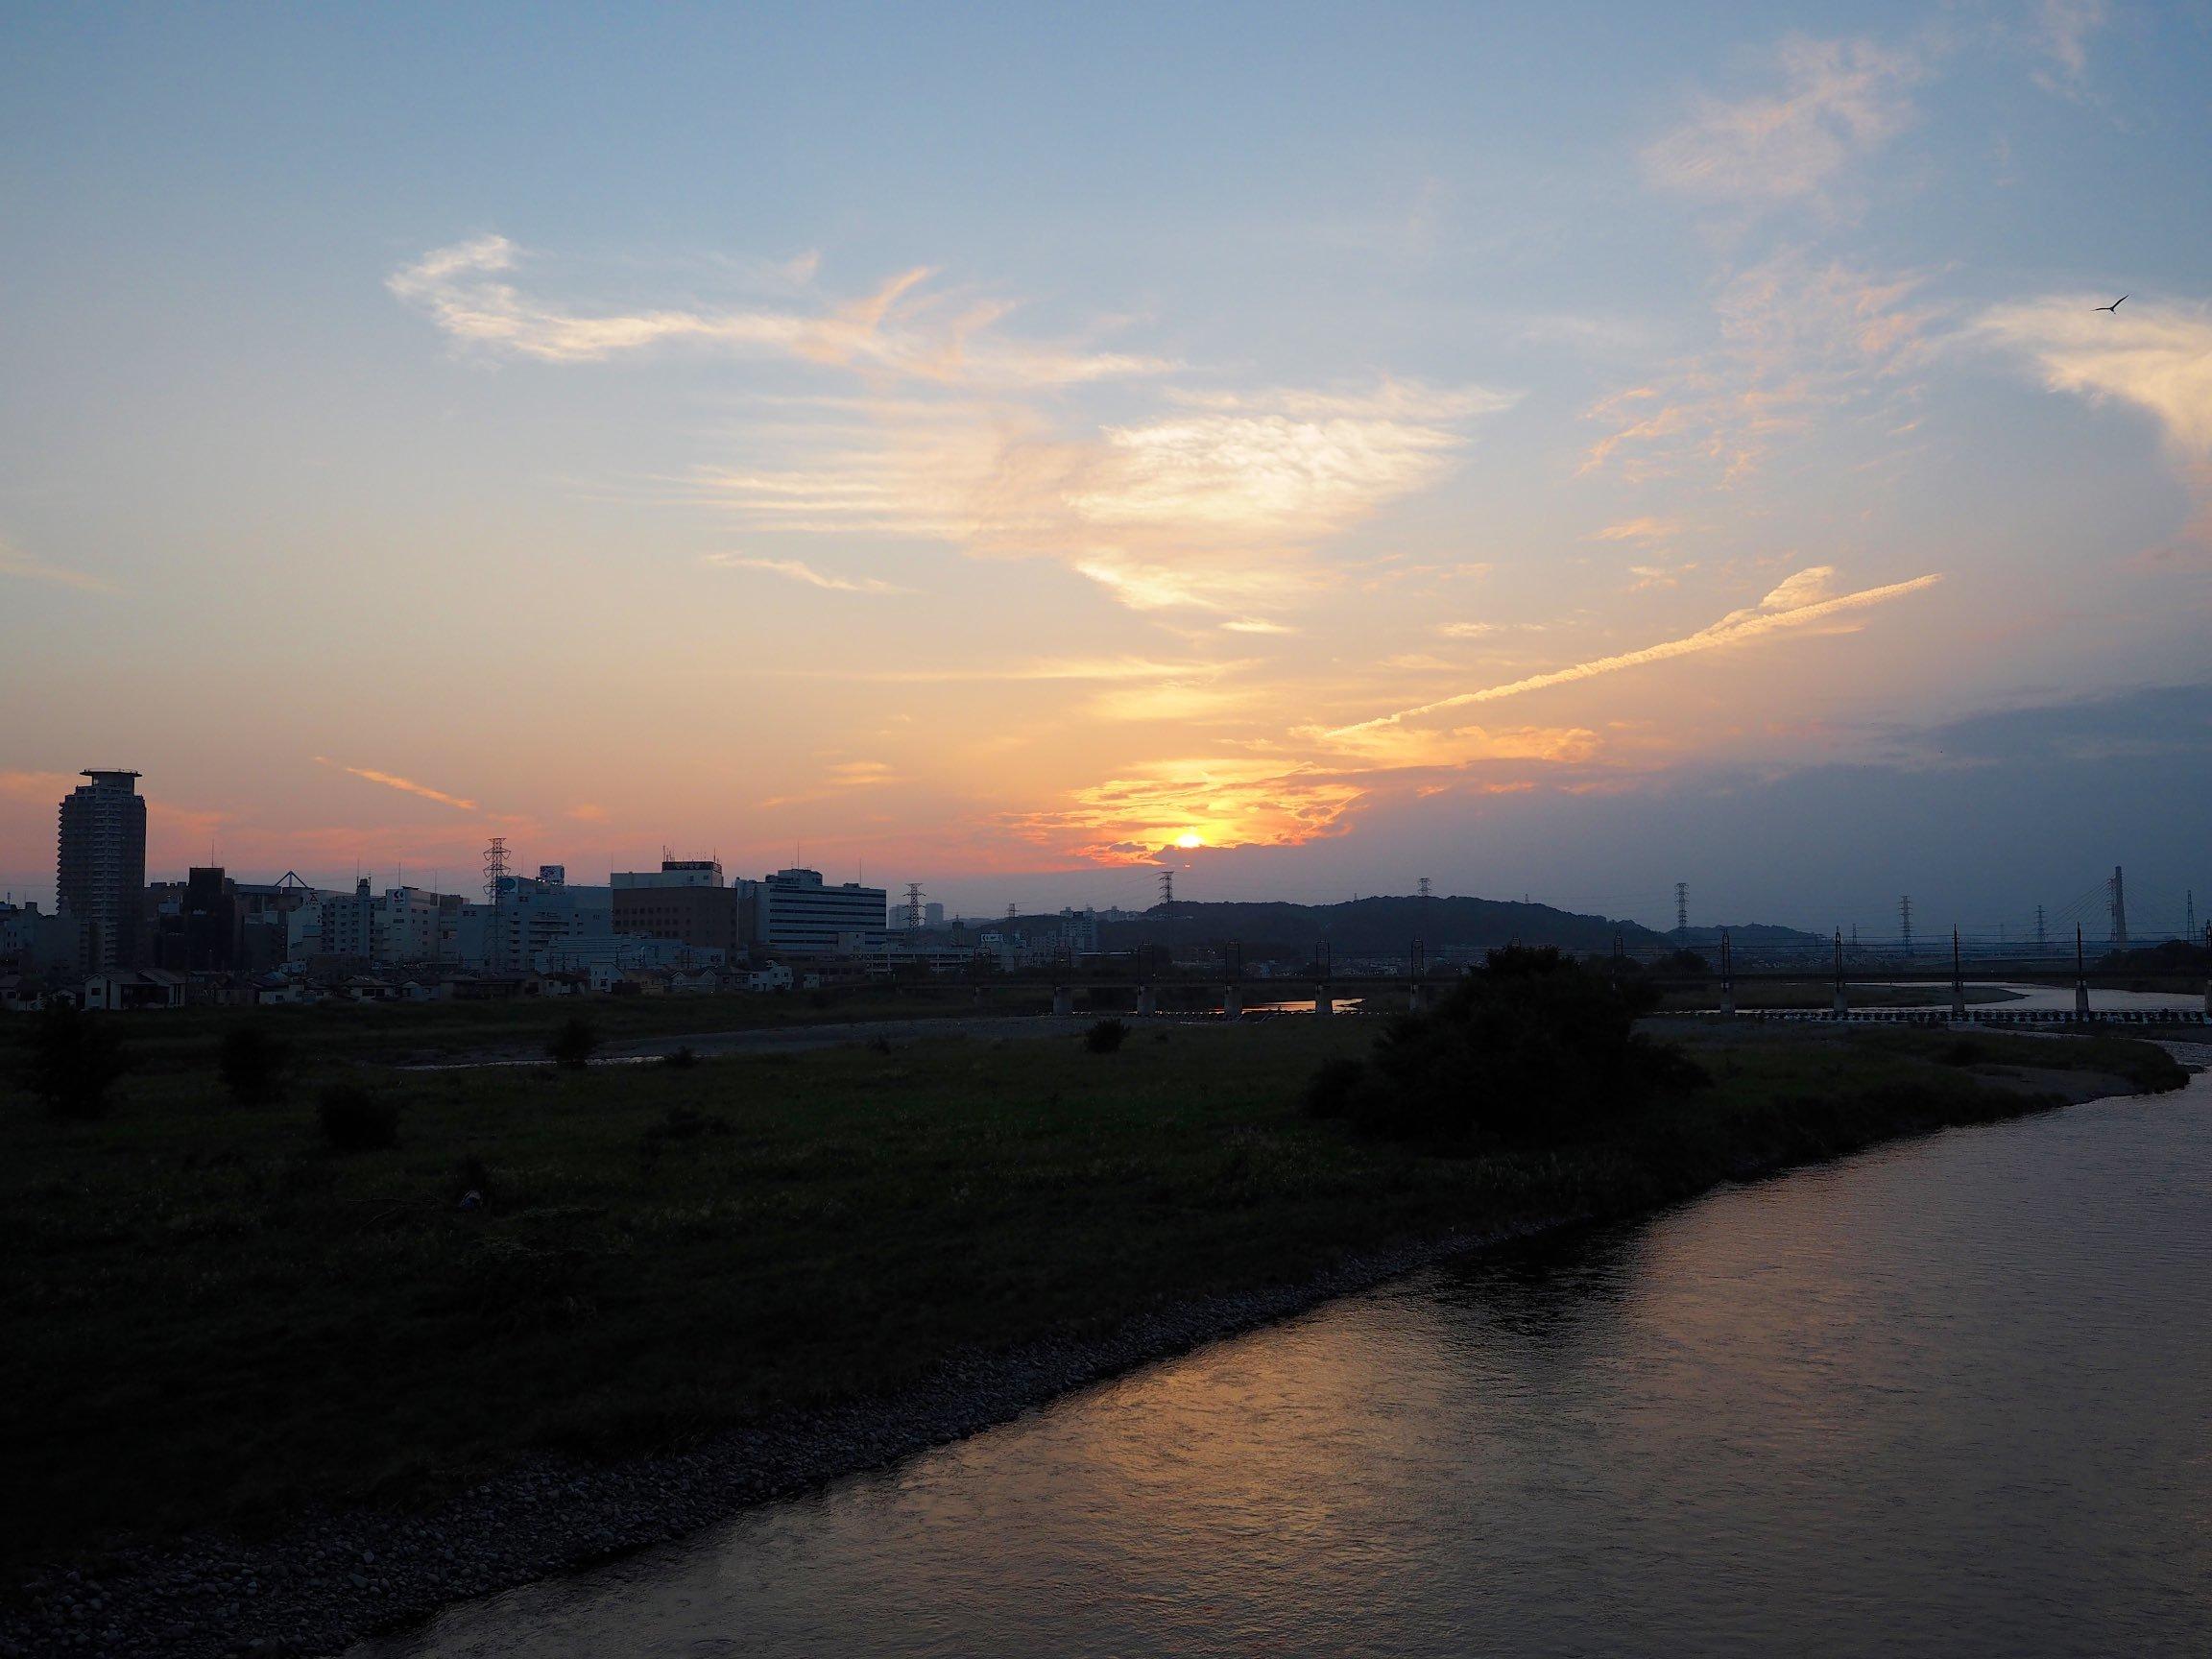 武蔵野 夕景 マイクロフォーサーズ&フルサイズ_b0360240_20194743.jpg